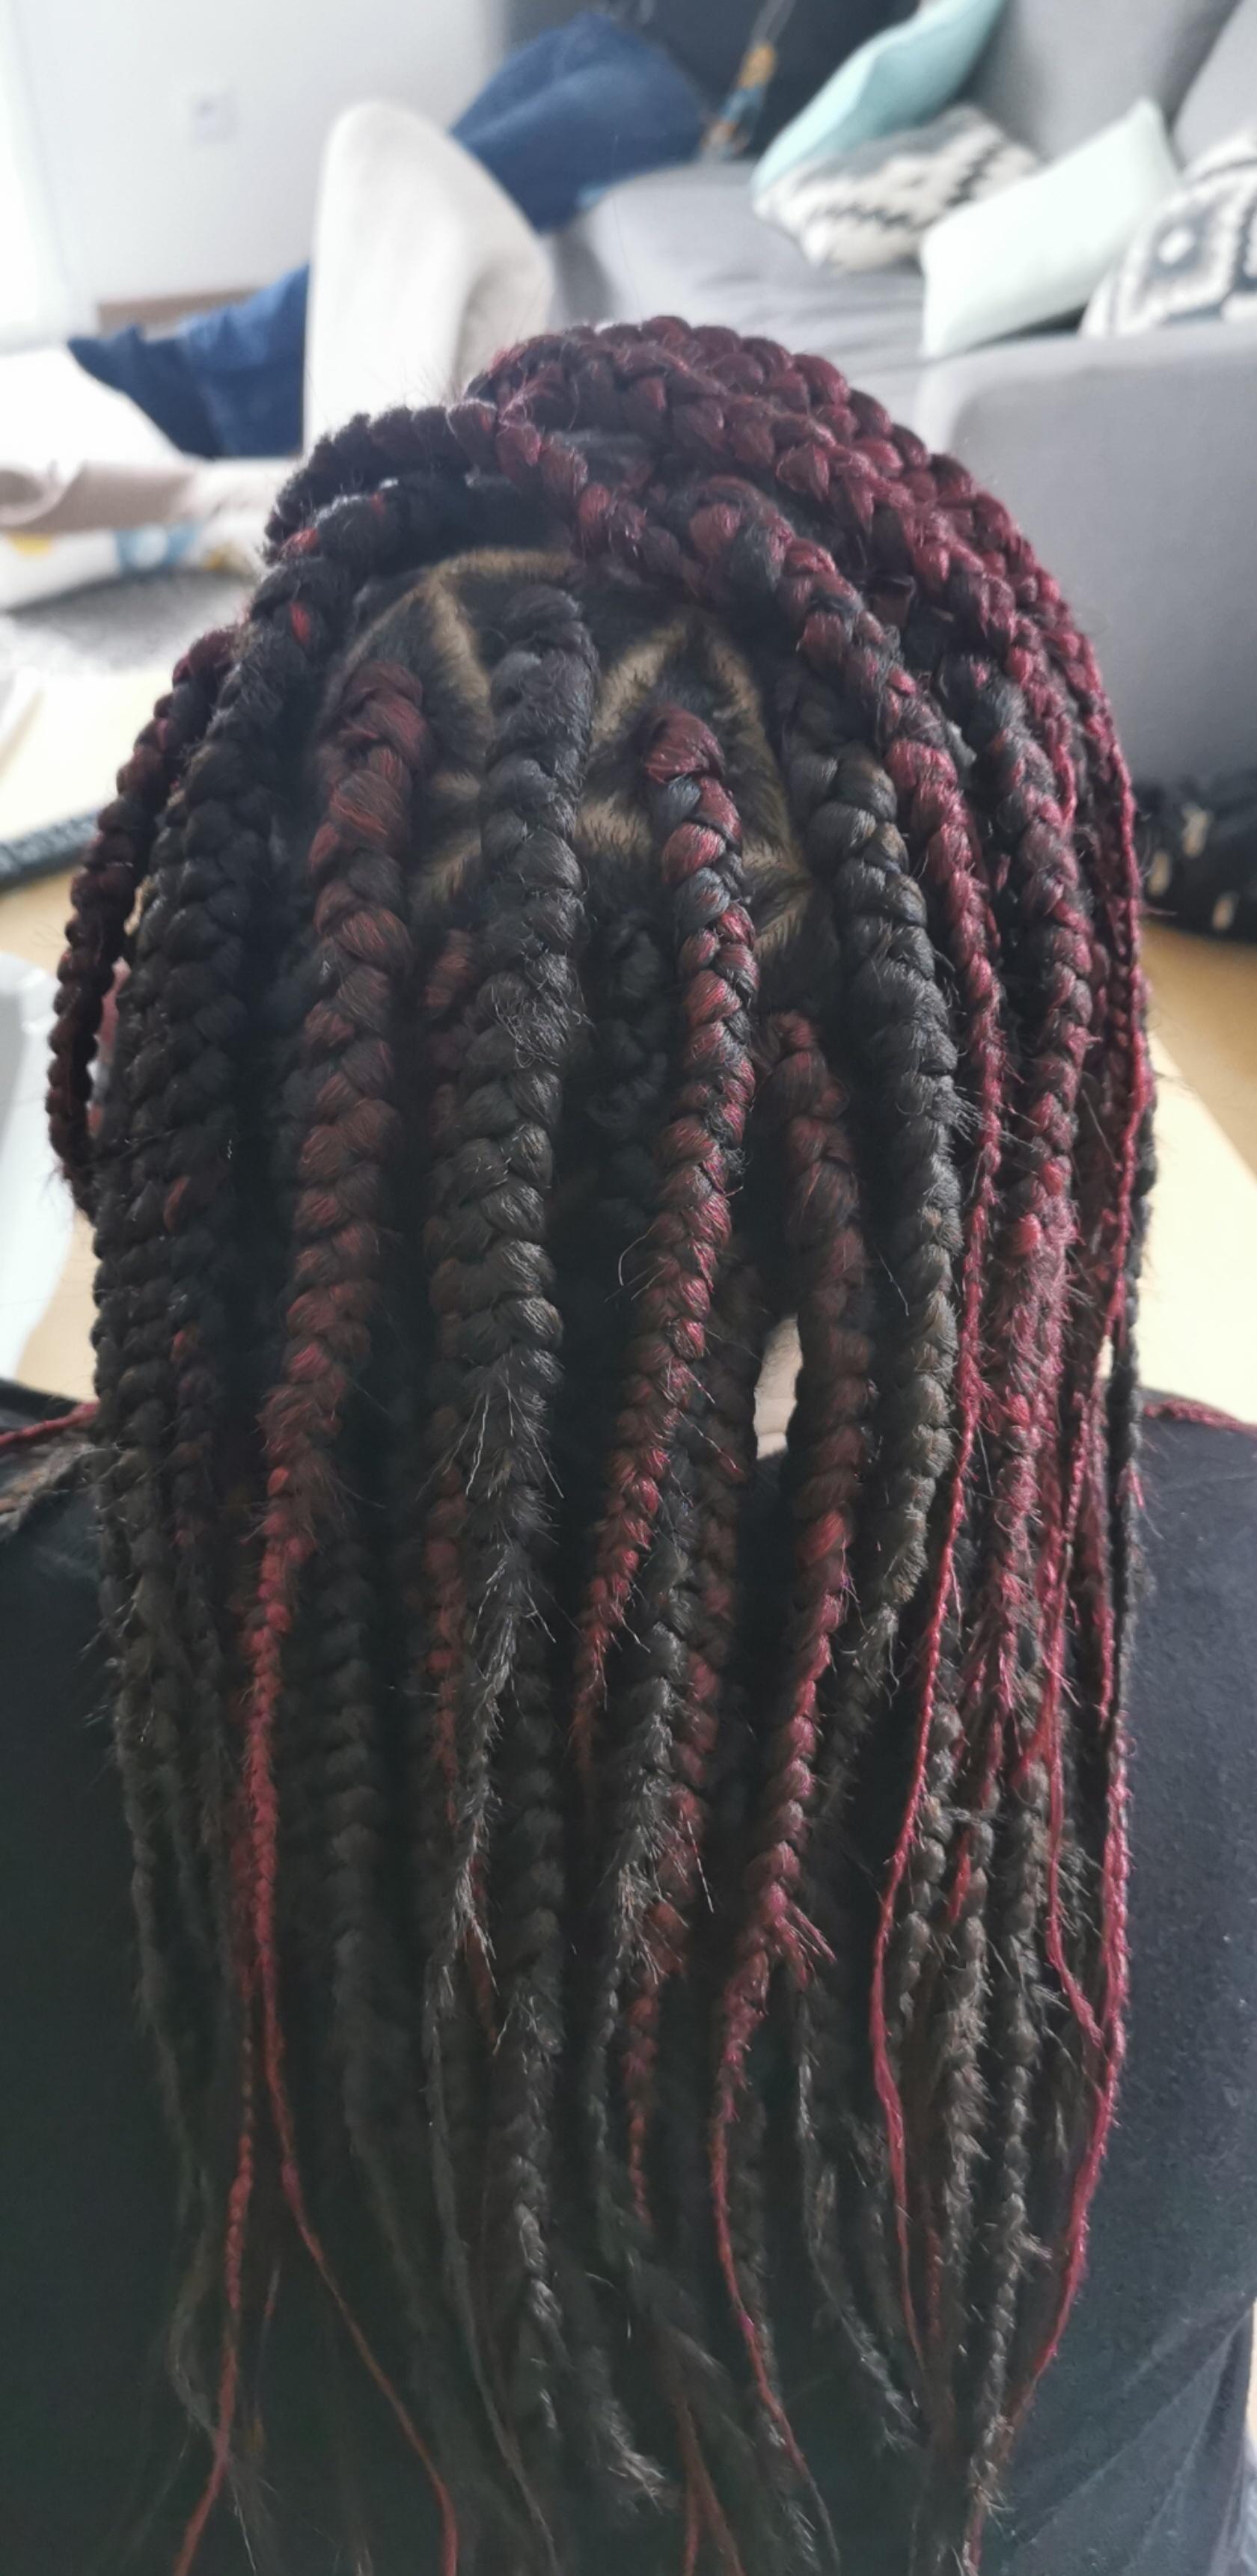 salon de coiffure afro tresse tresses box braids crochet braids vanilles tissages paris 75 77 78 91 92 93 94 95 RZDUXZVX